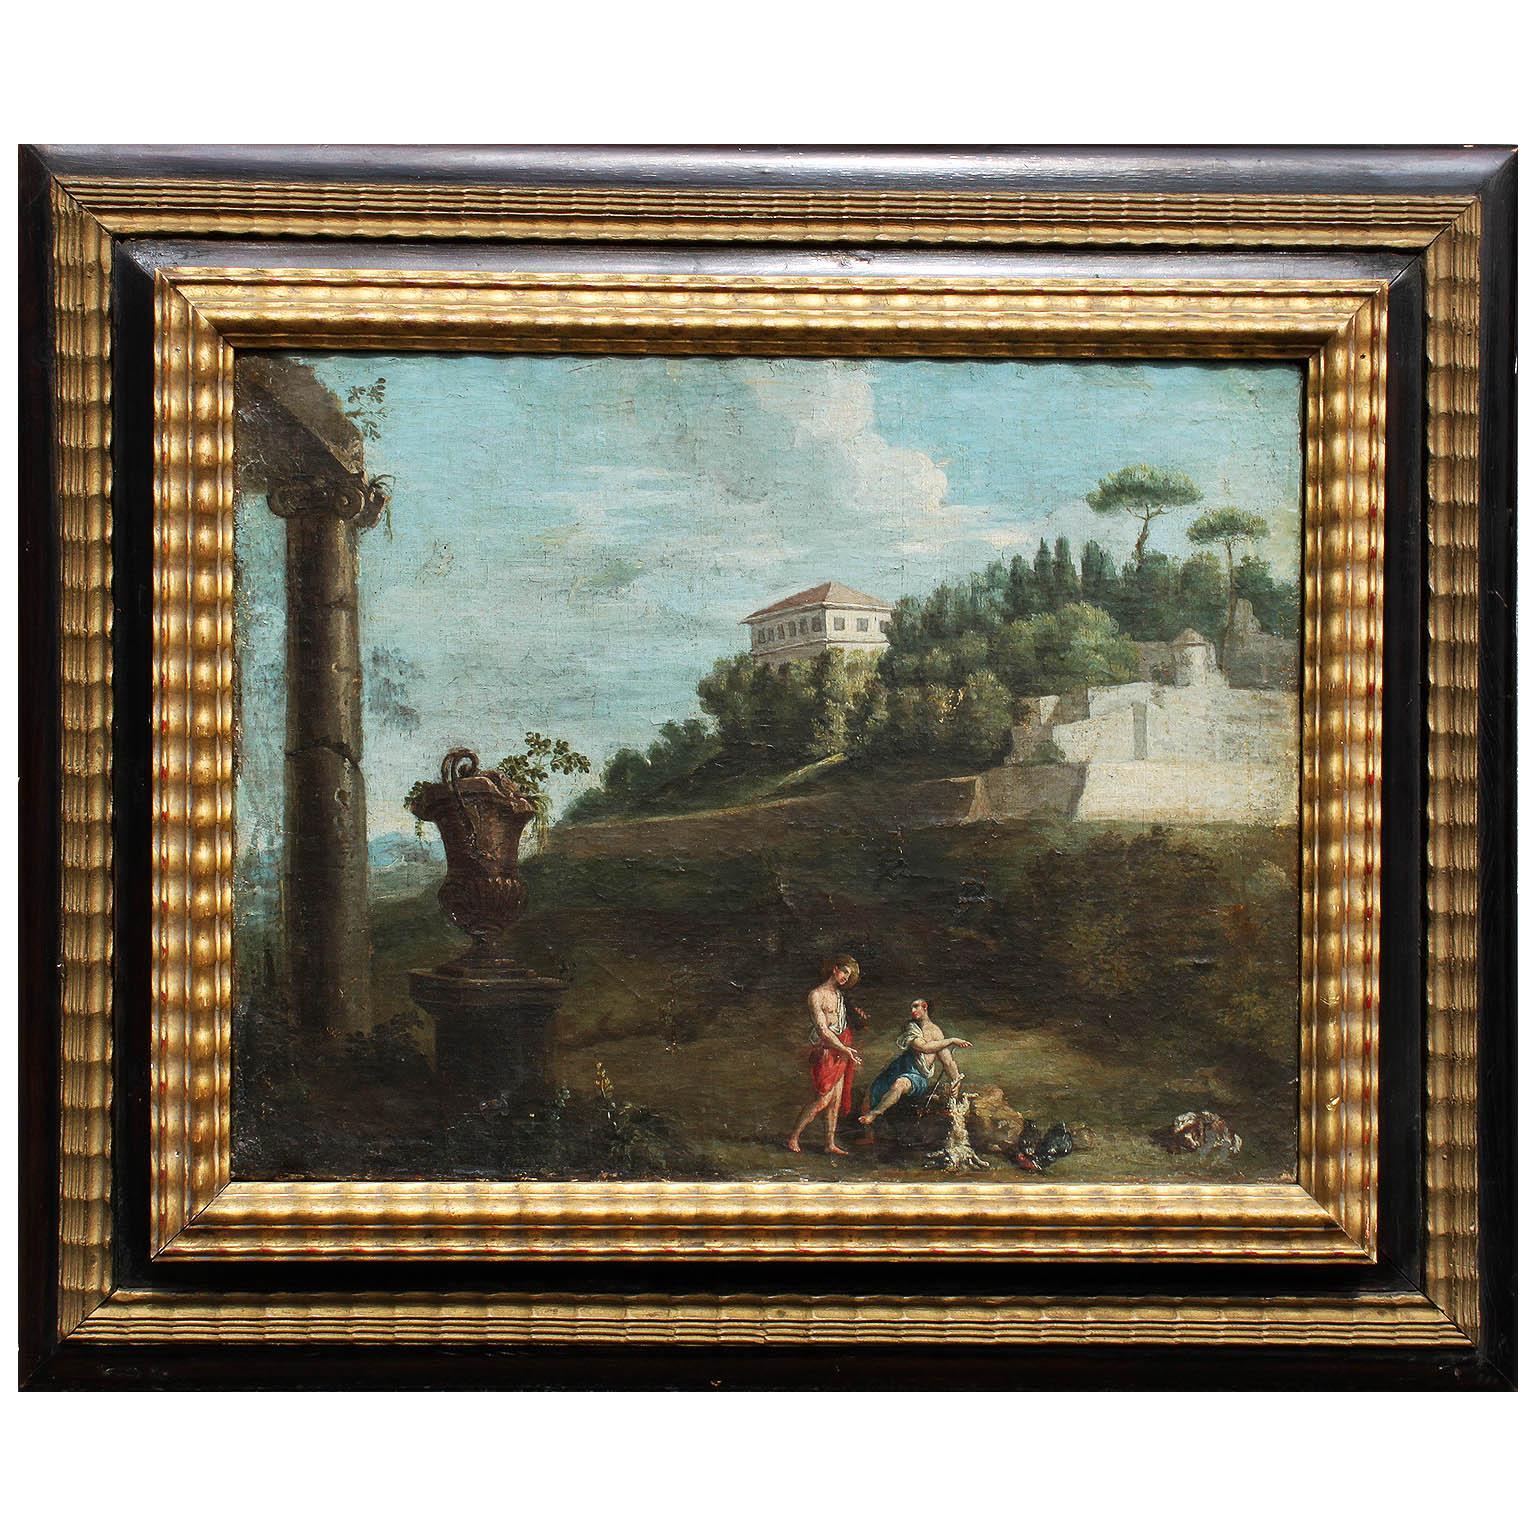 After Pieter van Bloemen Oil on Canvas Hunting & Ruins Scene